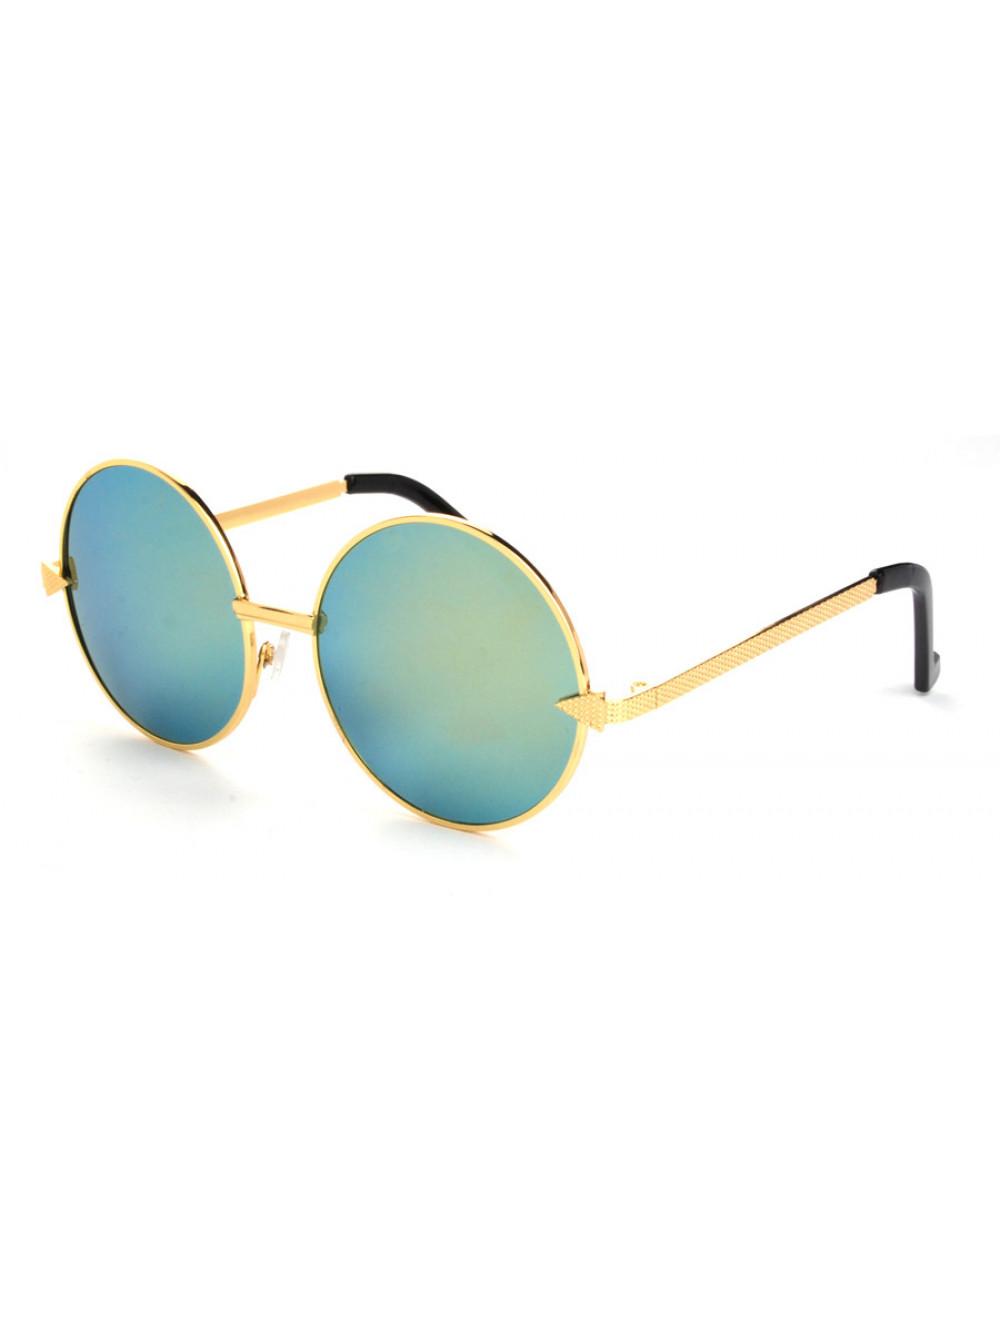 6cd645c54 Slnečné okuliare Lenonky Retro Green zelené